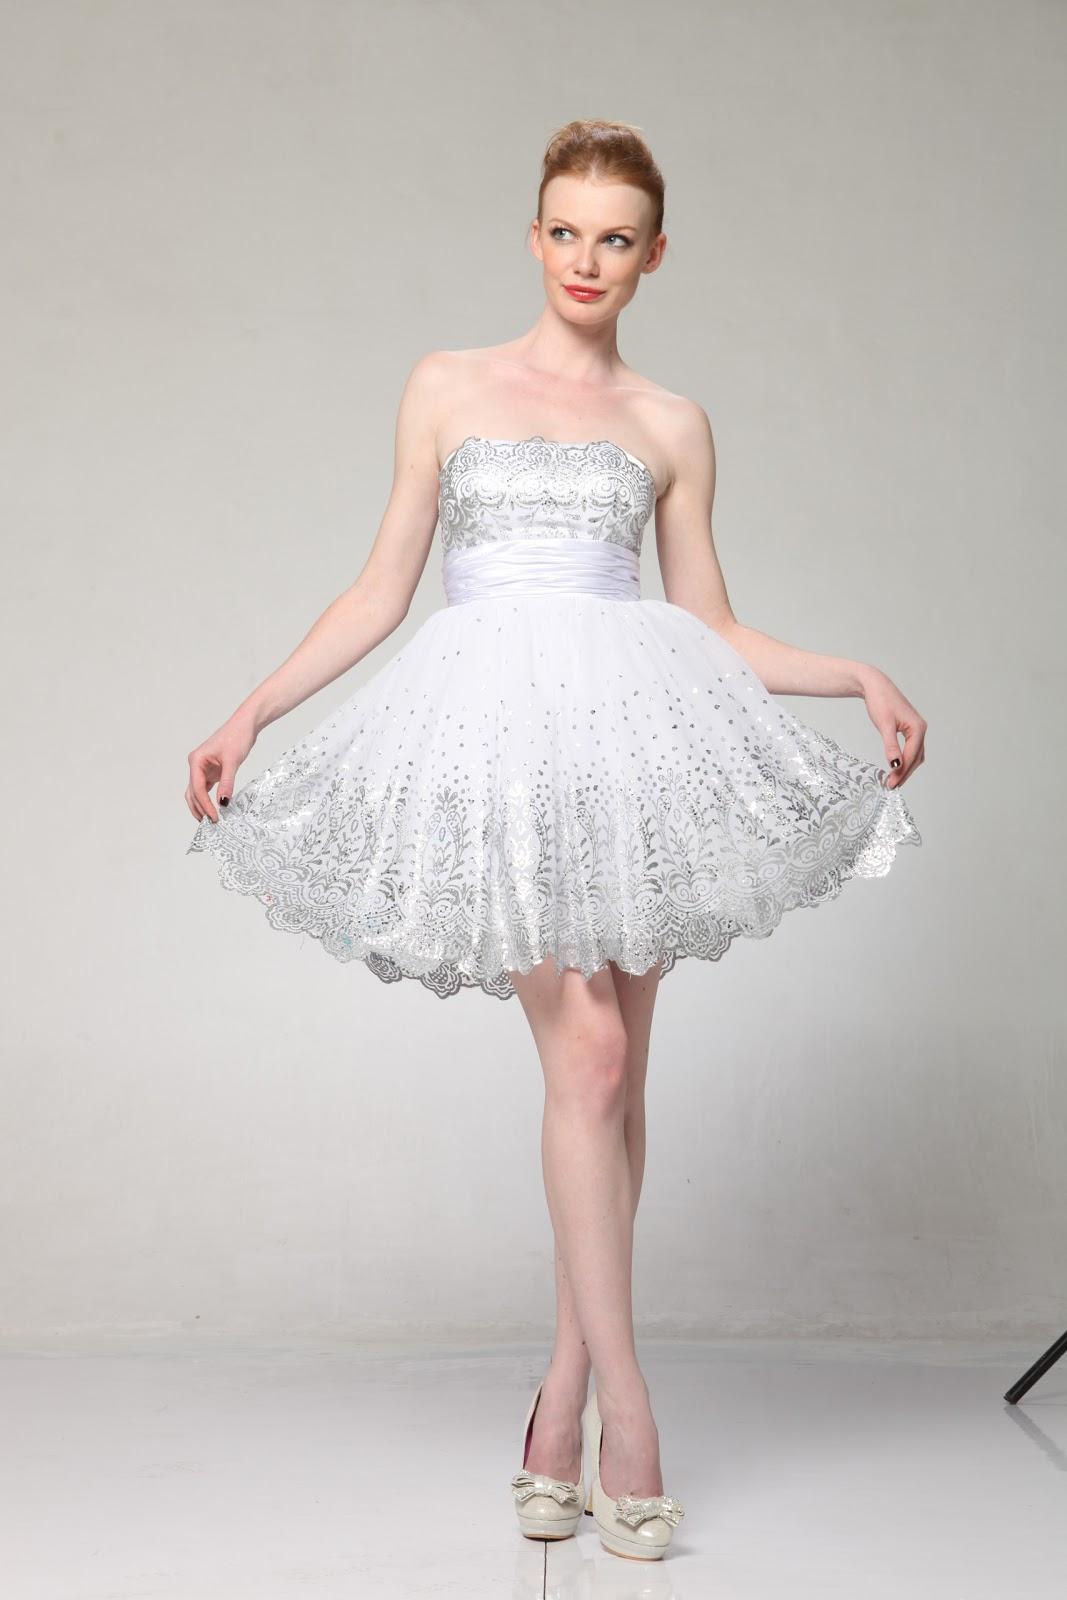 Wedding dresses for short women women dresses for Wedding dresses for short women